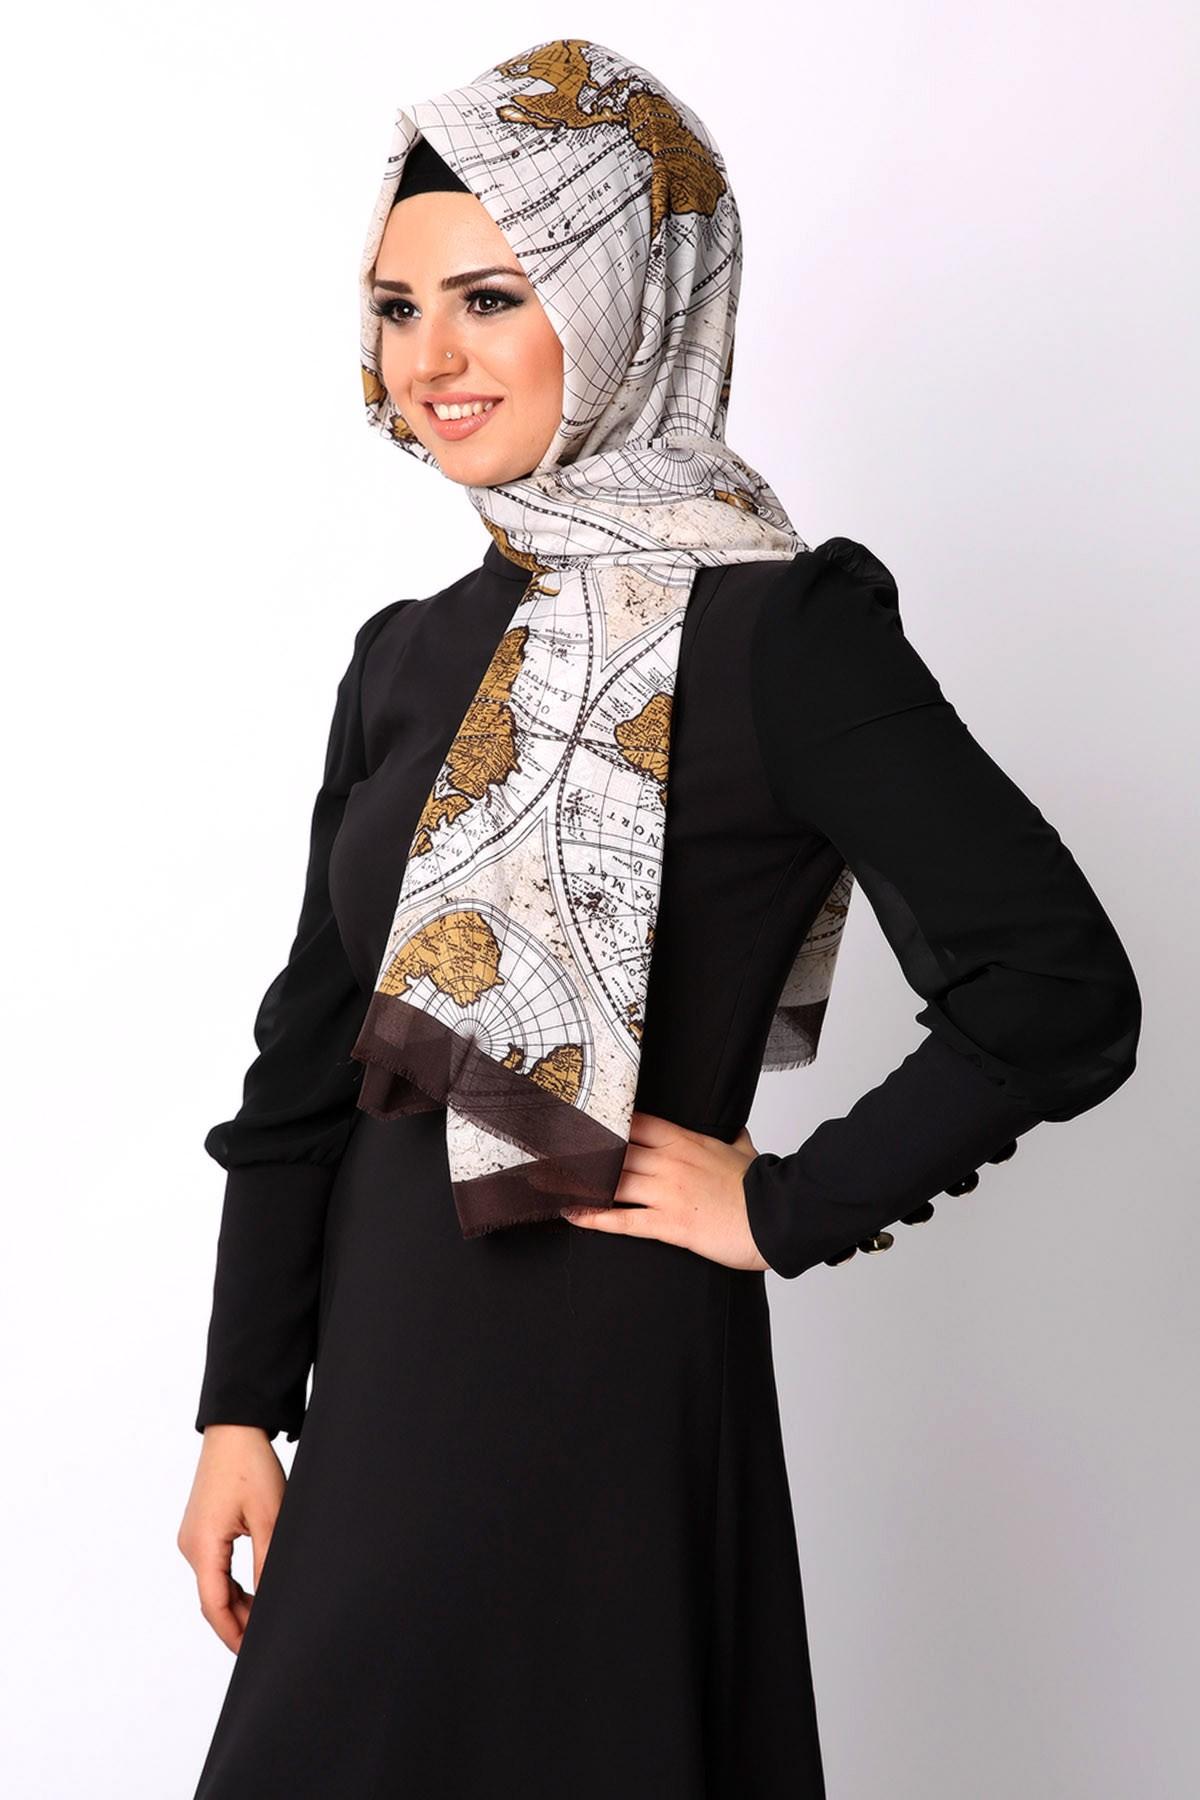 بالصور طرق لف الحجاب التركي , لفات حجاب جديده وعصريه 2457 8